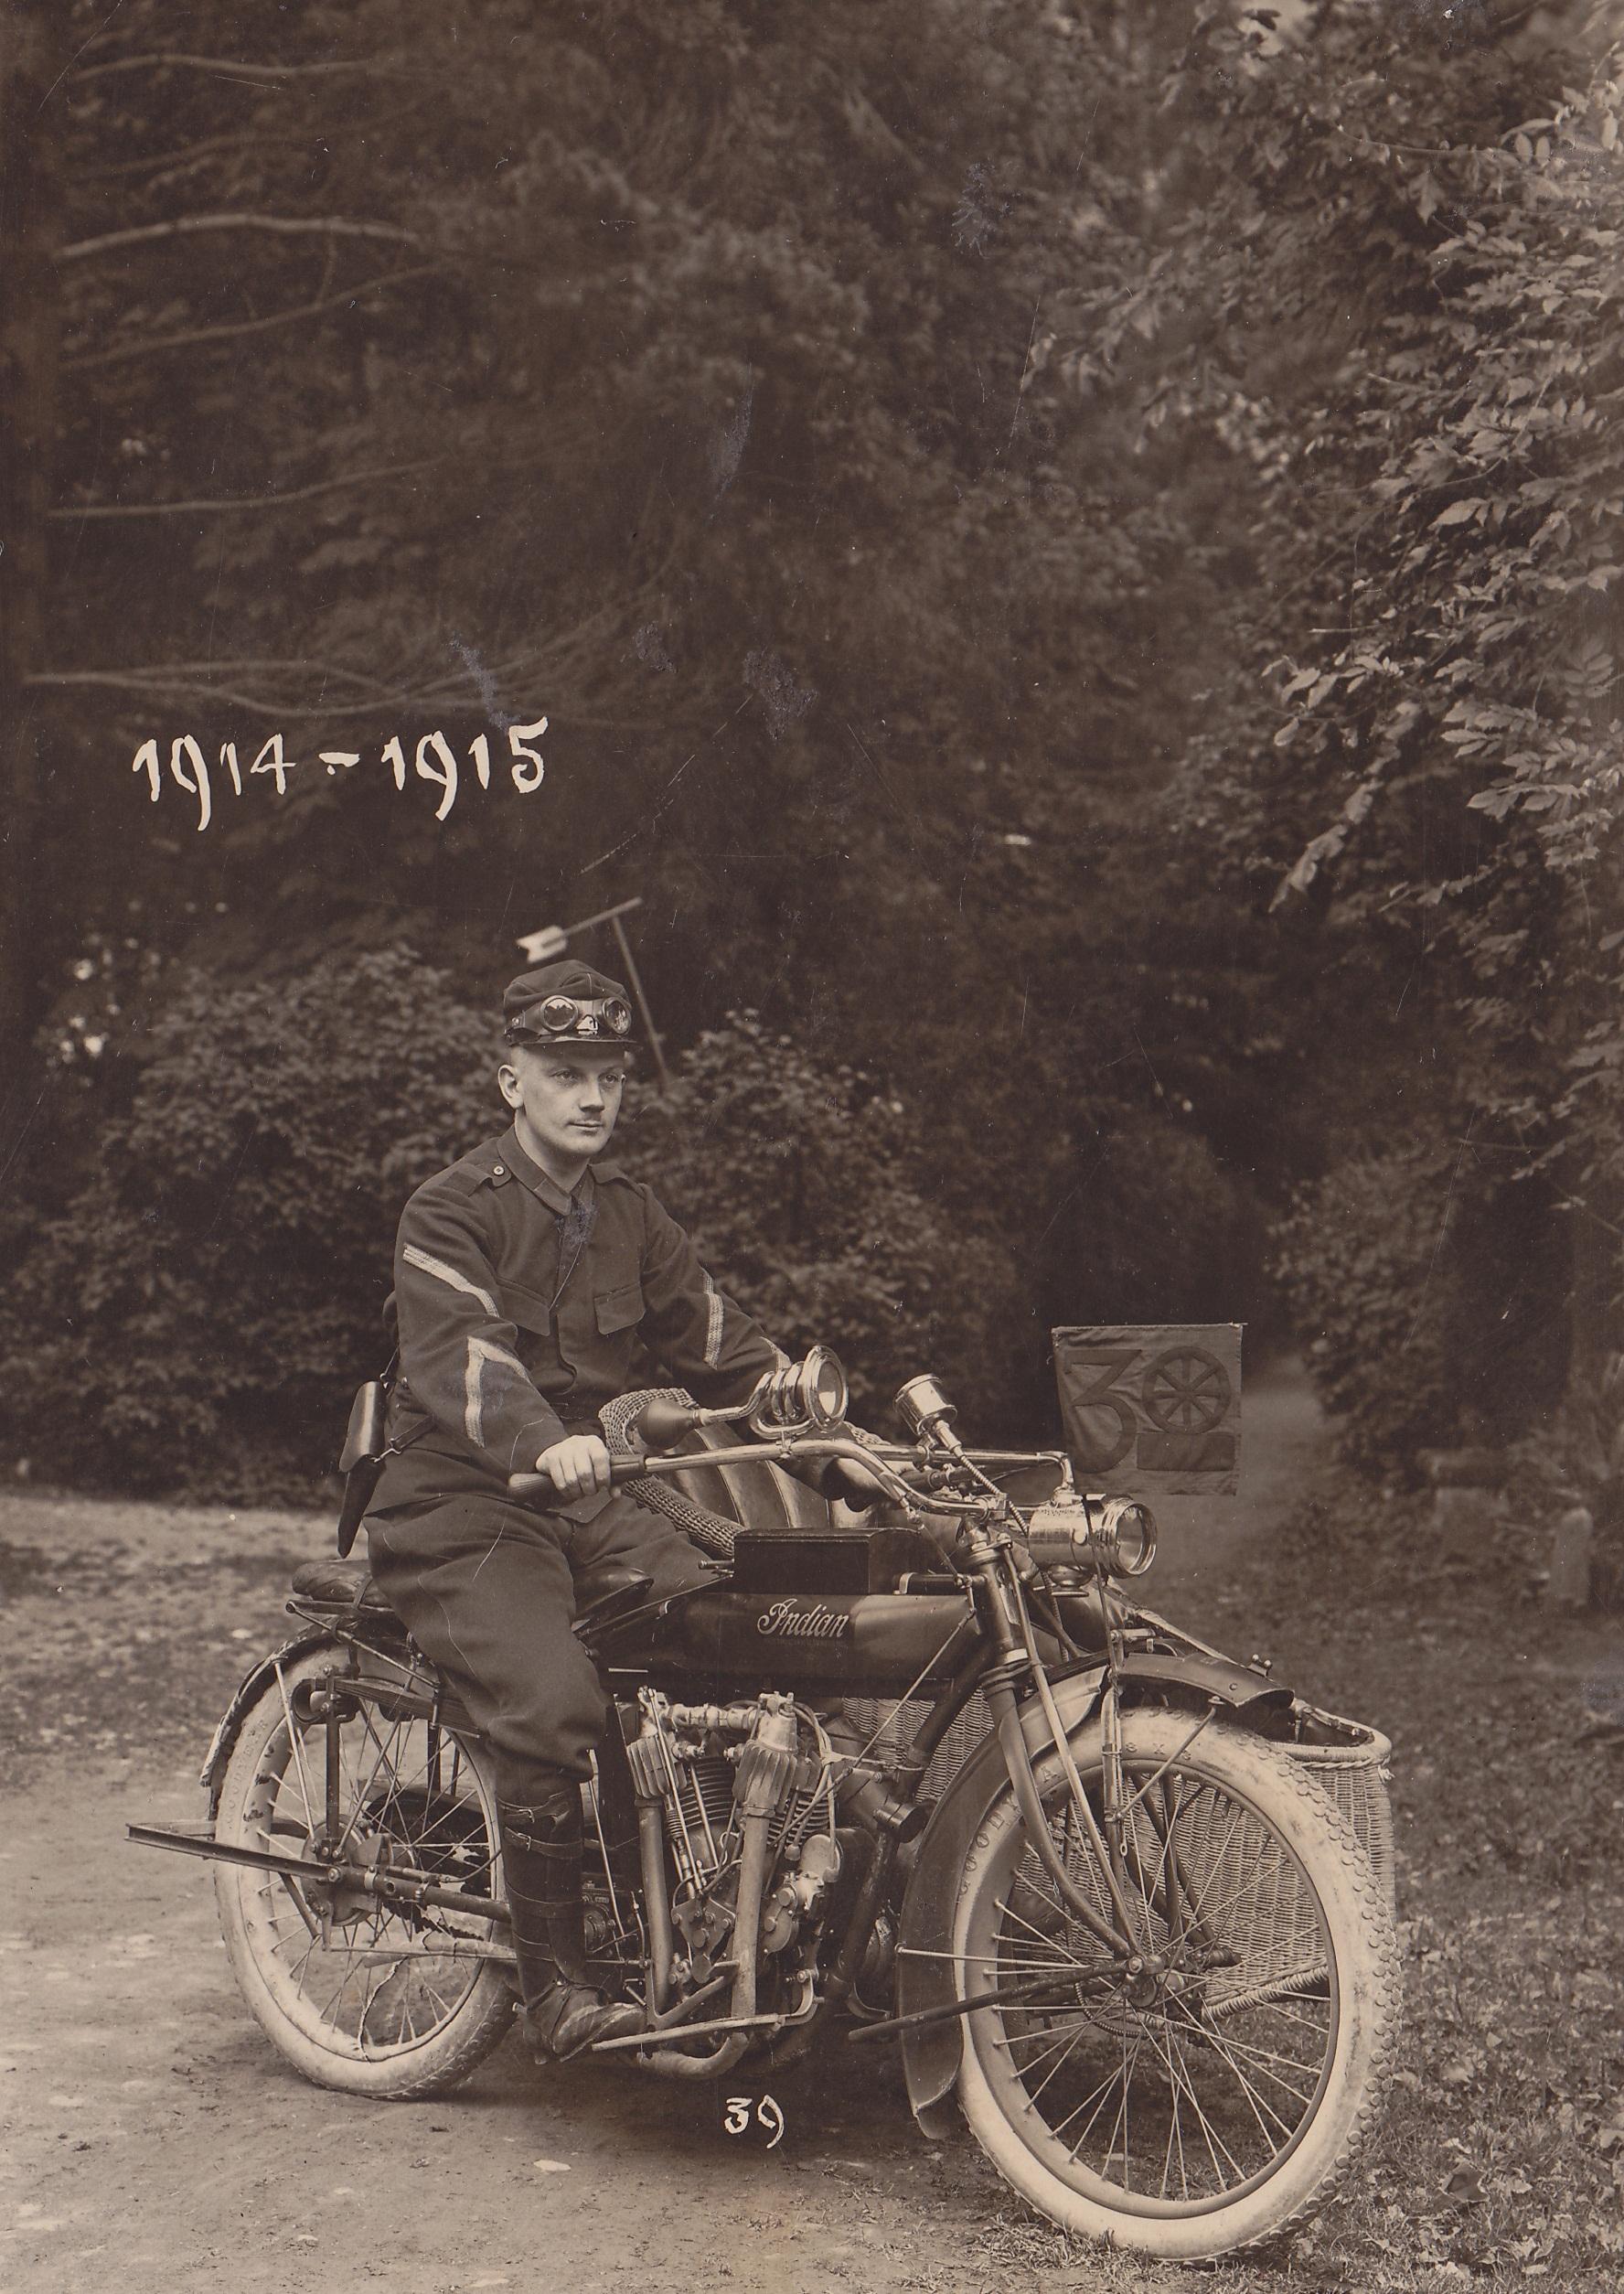 motos photos d'époque 1c0c724251aa2847